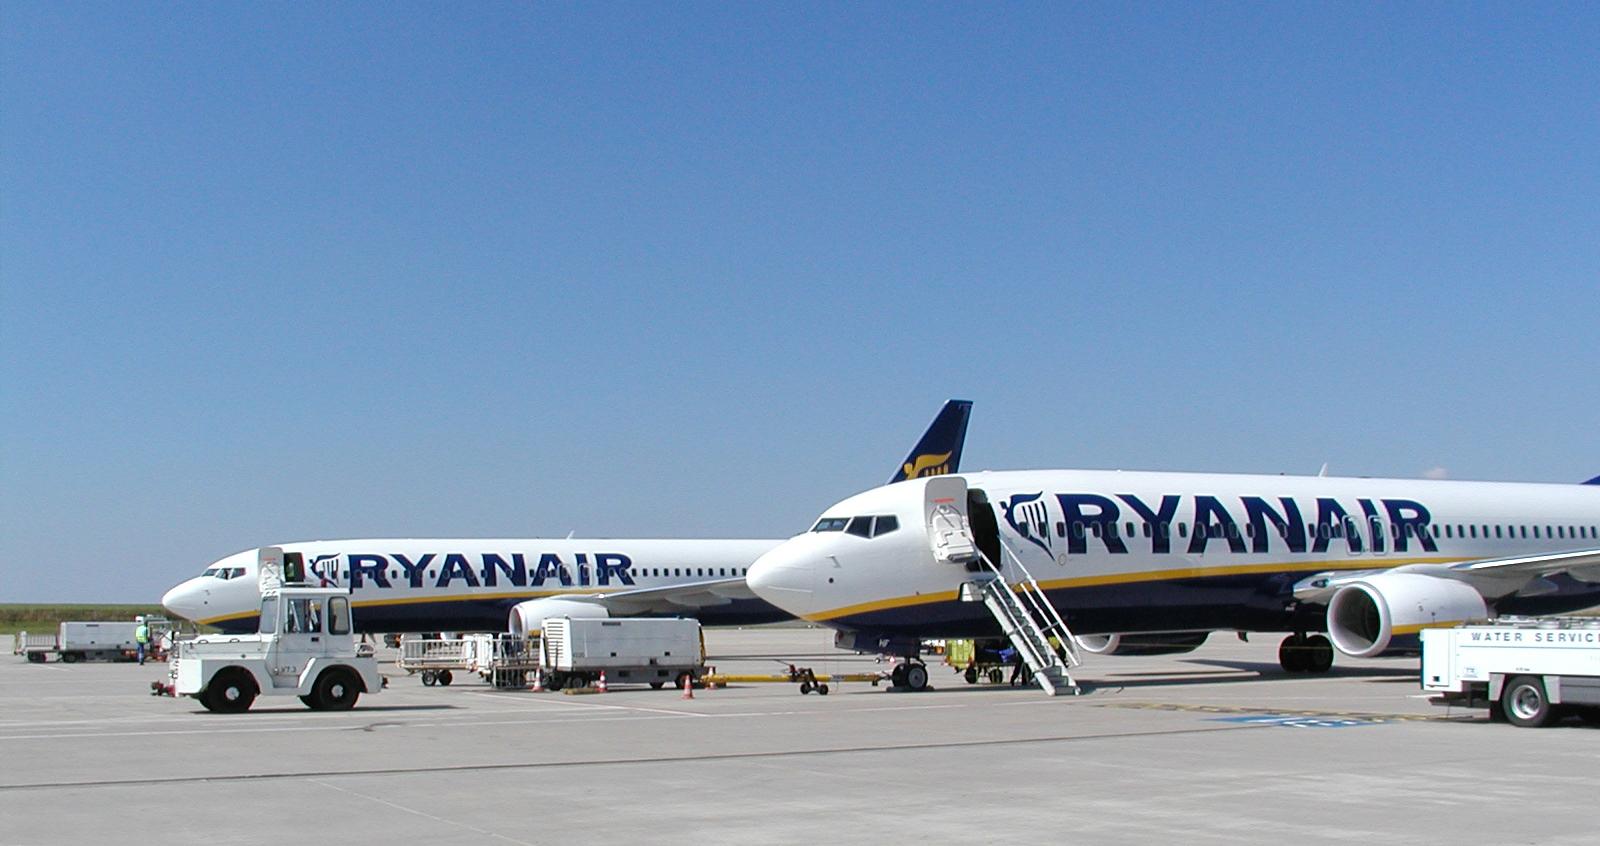 Flughafen Frankfurt Hahn Ryanair